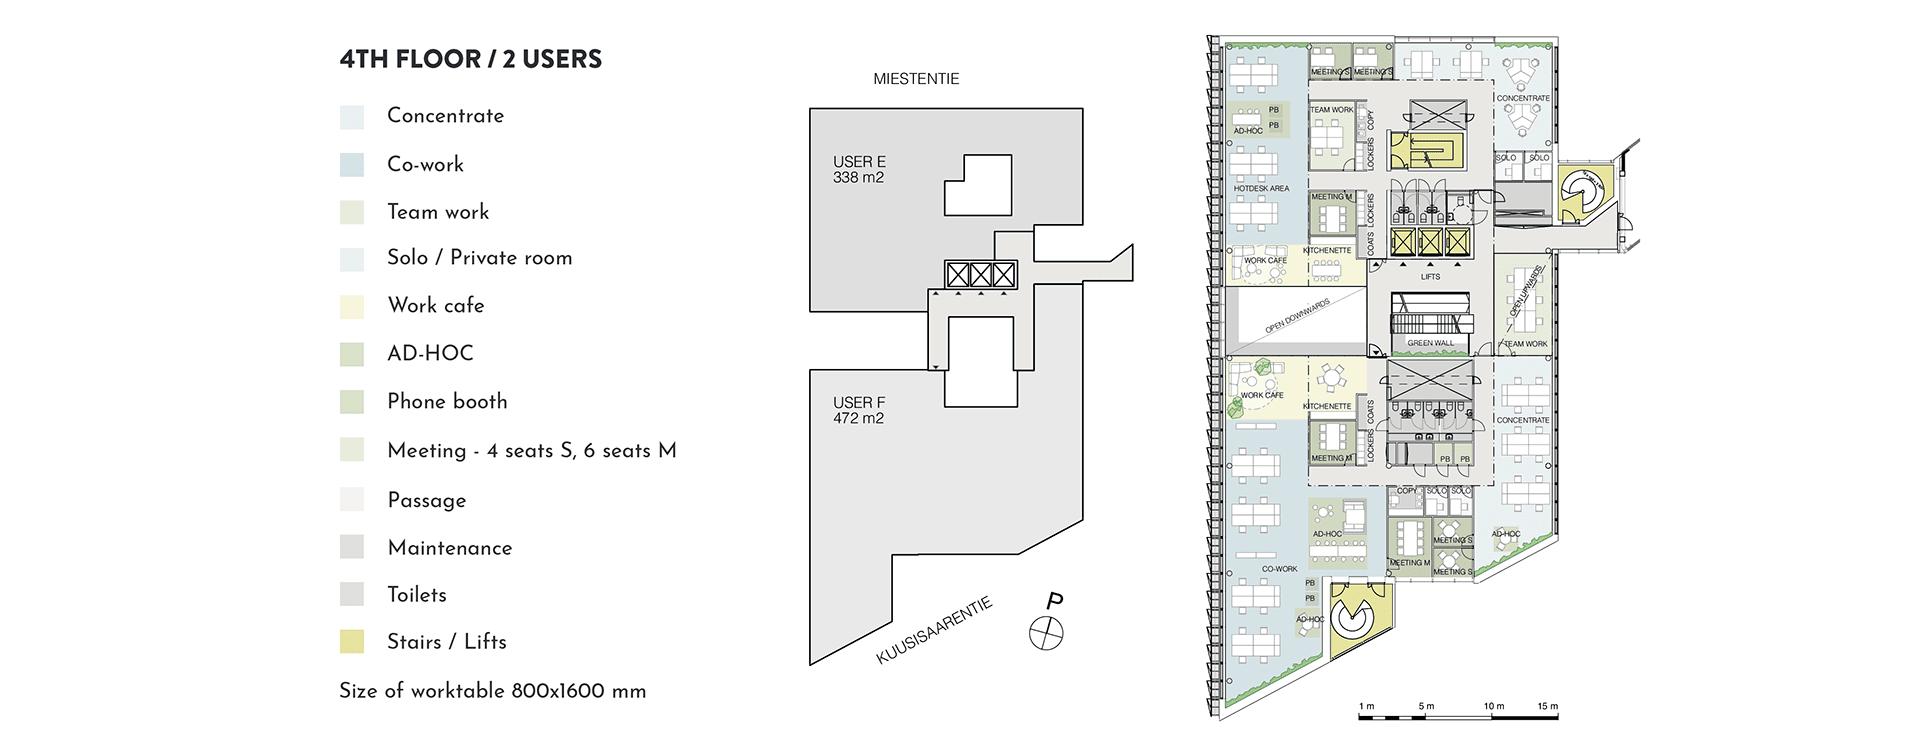 Swing House pohjapiirros monitilatoimisto, tilanjakoesimerkki kahdelle käyttäjälle, 4. krs., pinta-alat 338 m2 ja 472 m2